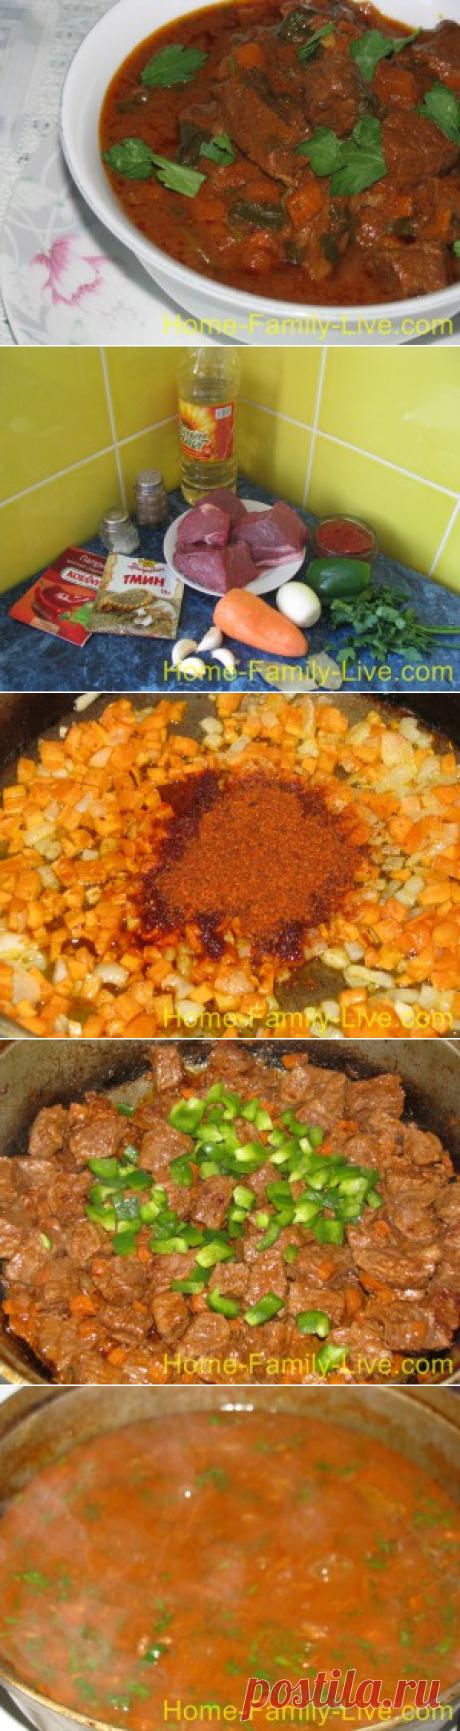 Гуляш из говядины/Сайт с пошаговыми рецептами с фото для тех кто любит готовить